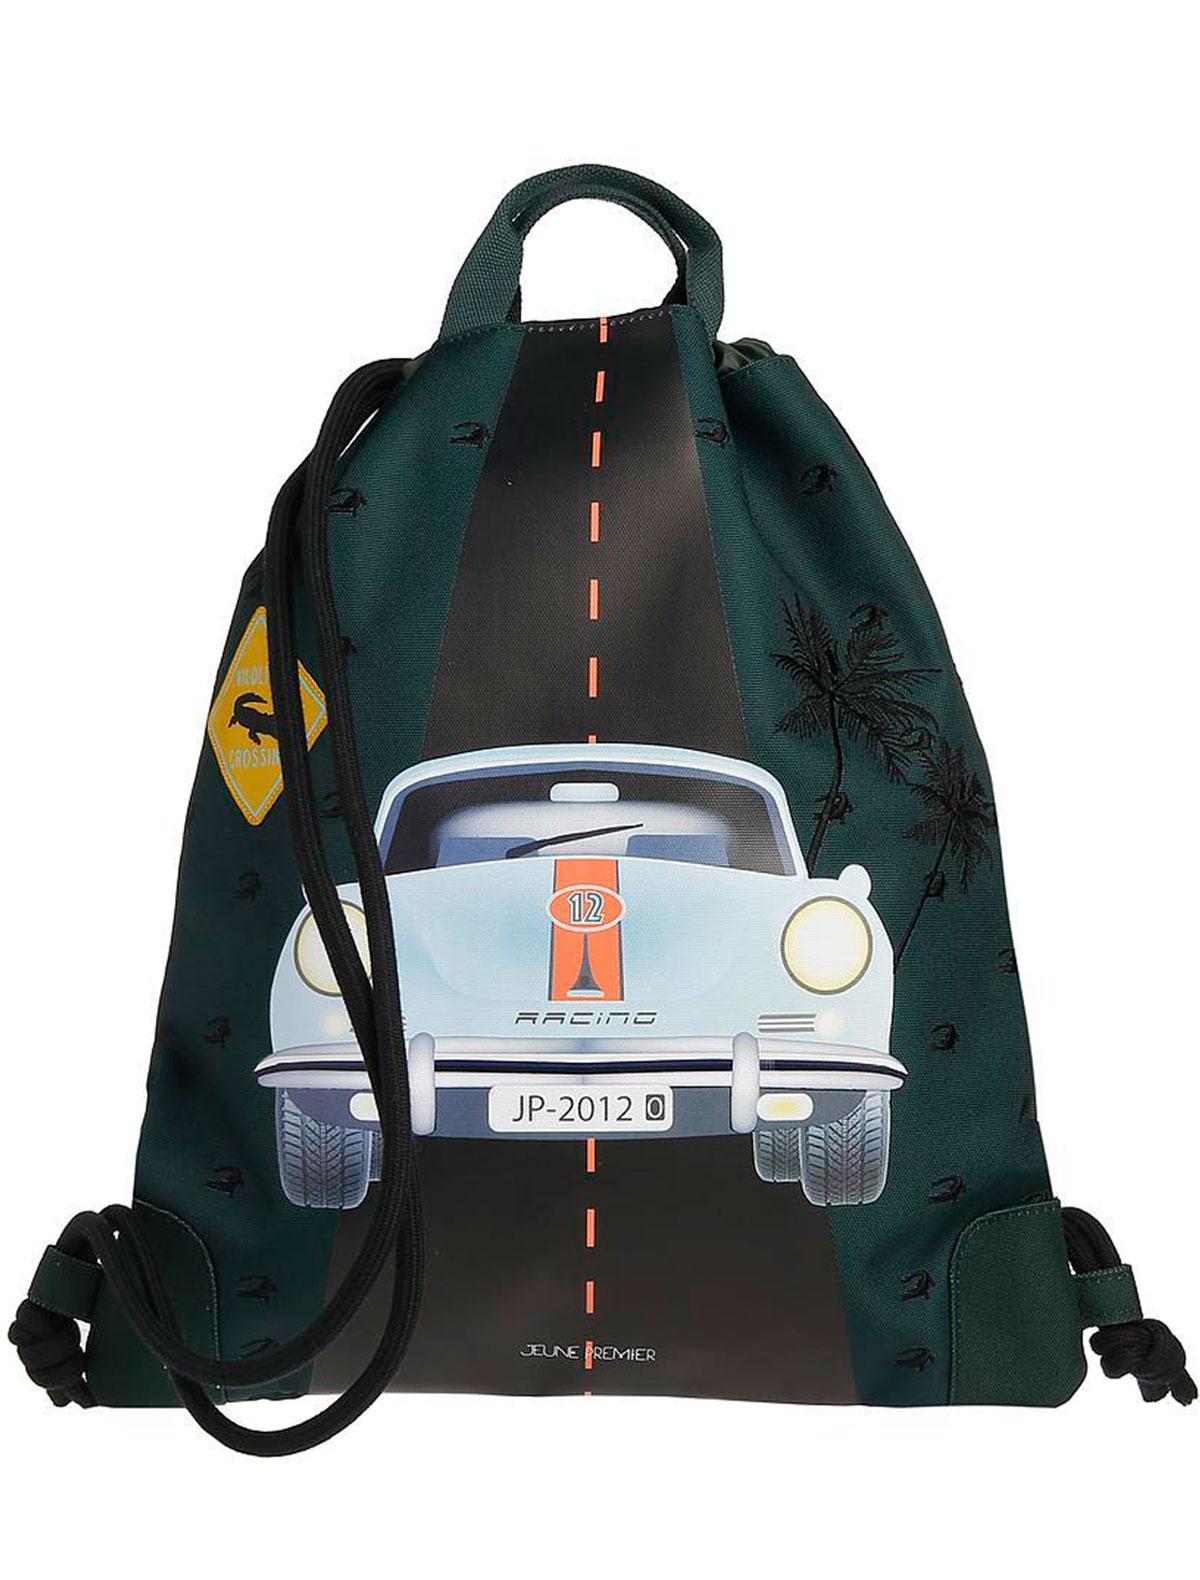 Купить 2321978, Сумка Jeune Premier, зеленый, 1204528180032